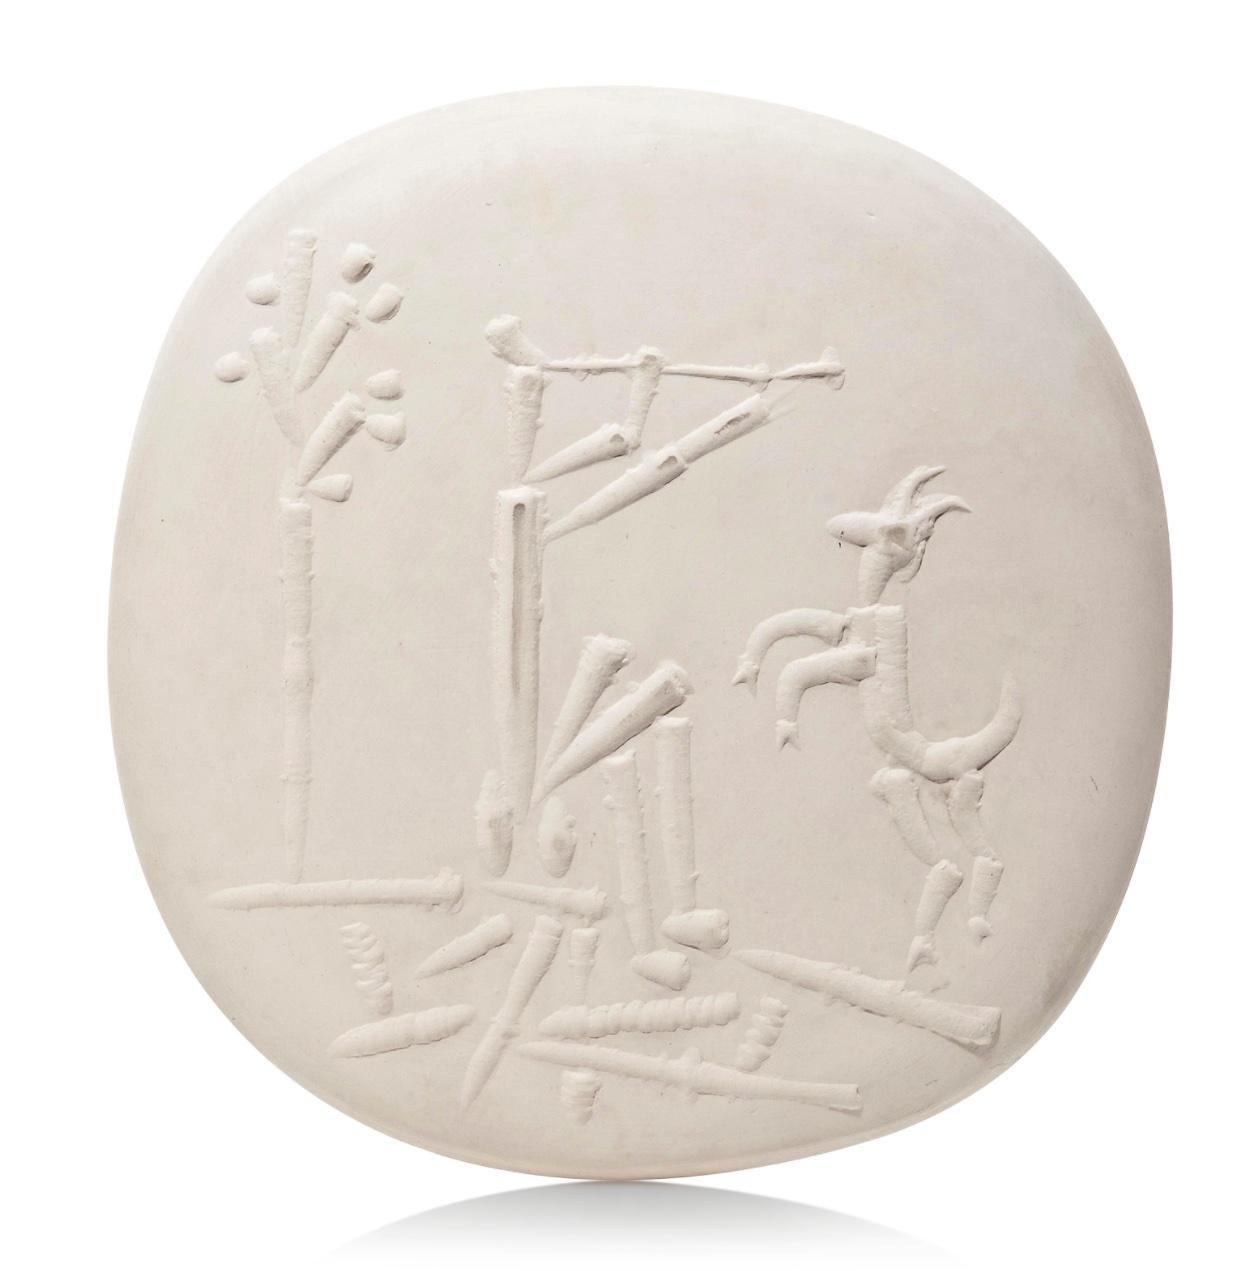 Pablo Picasso Madoura Ceramic Plate 'Joueur de flûte et chèvre' Ramié 381